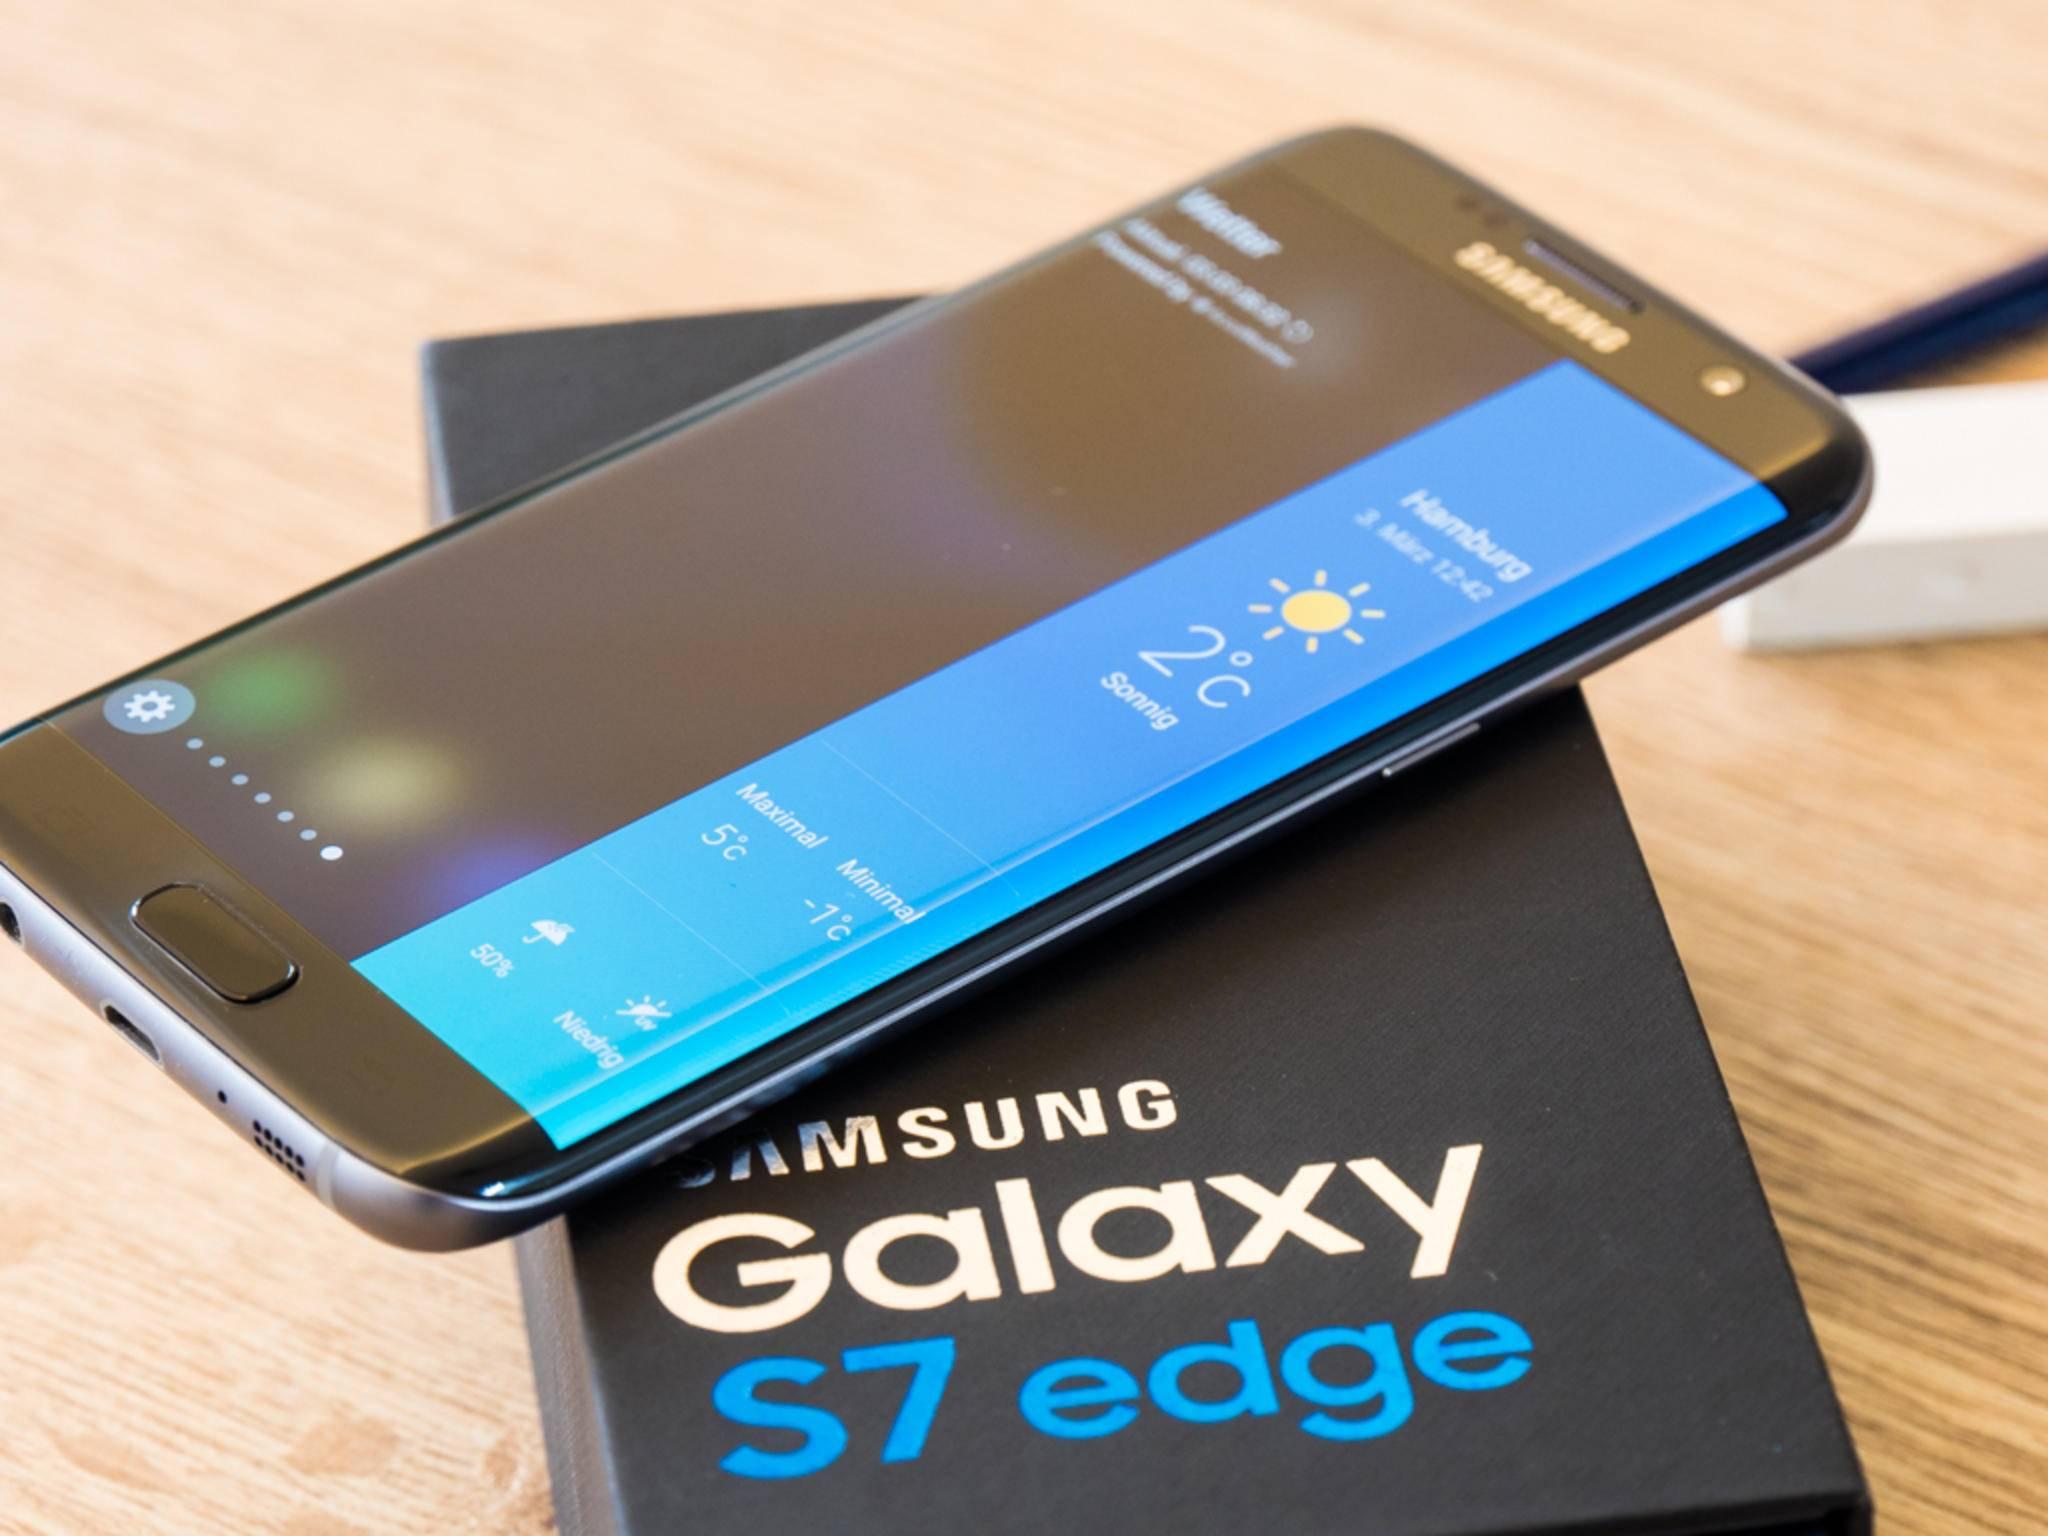 Das Galaxy S7 Edge ist in Europa besonders begehrt.